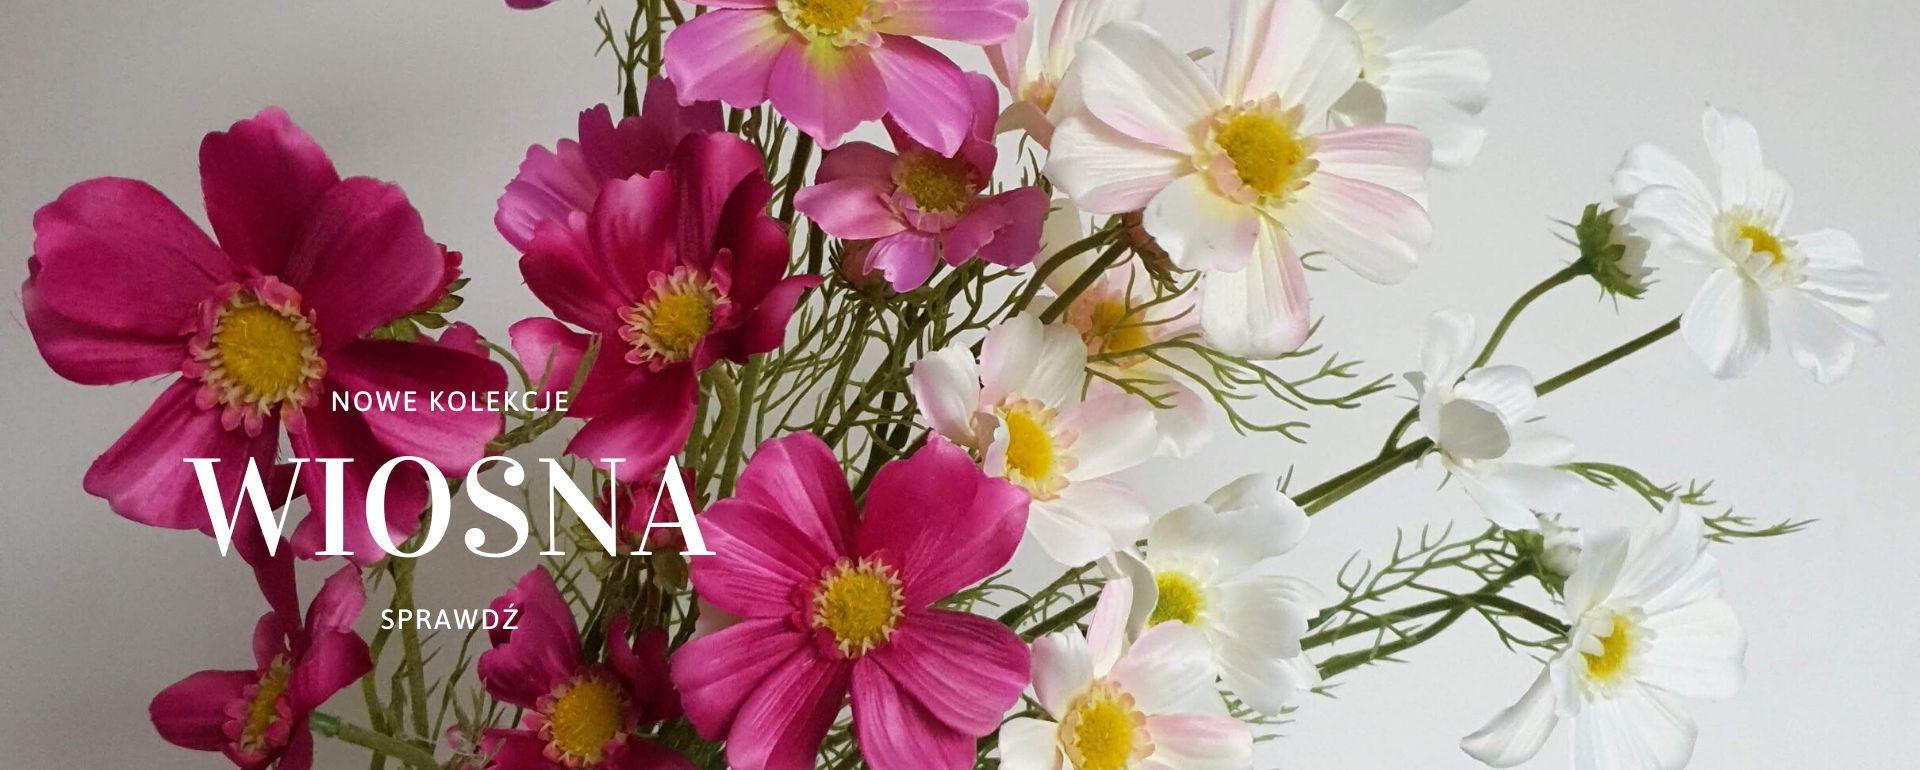 sztuczne kwiaty wielkanoc wiosna 2020